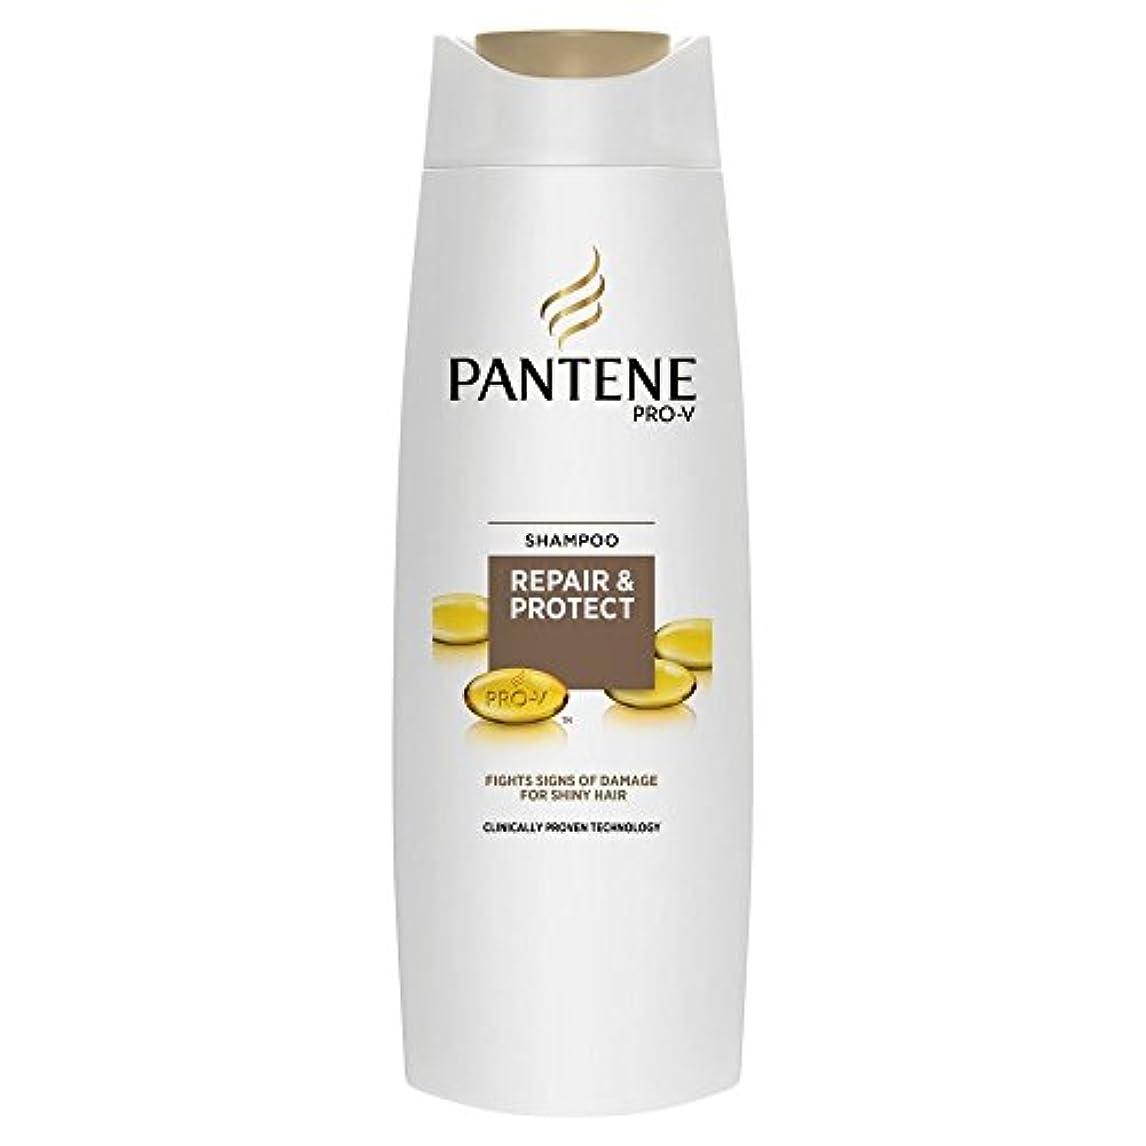 ラック毛皮出発するPantene Pro-V Repair & Protect Shampoo (400ml) パンテーンプロvの修理やシャンプーを保護( 400ミリリットル) [並行輸入品]